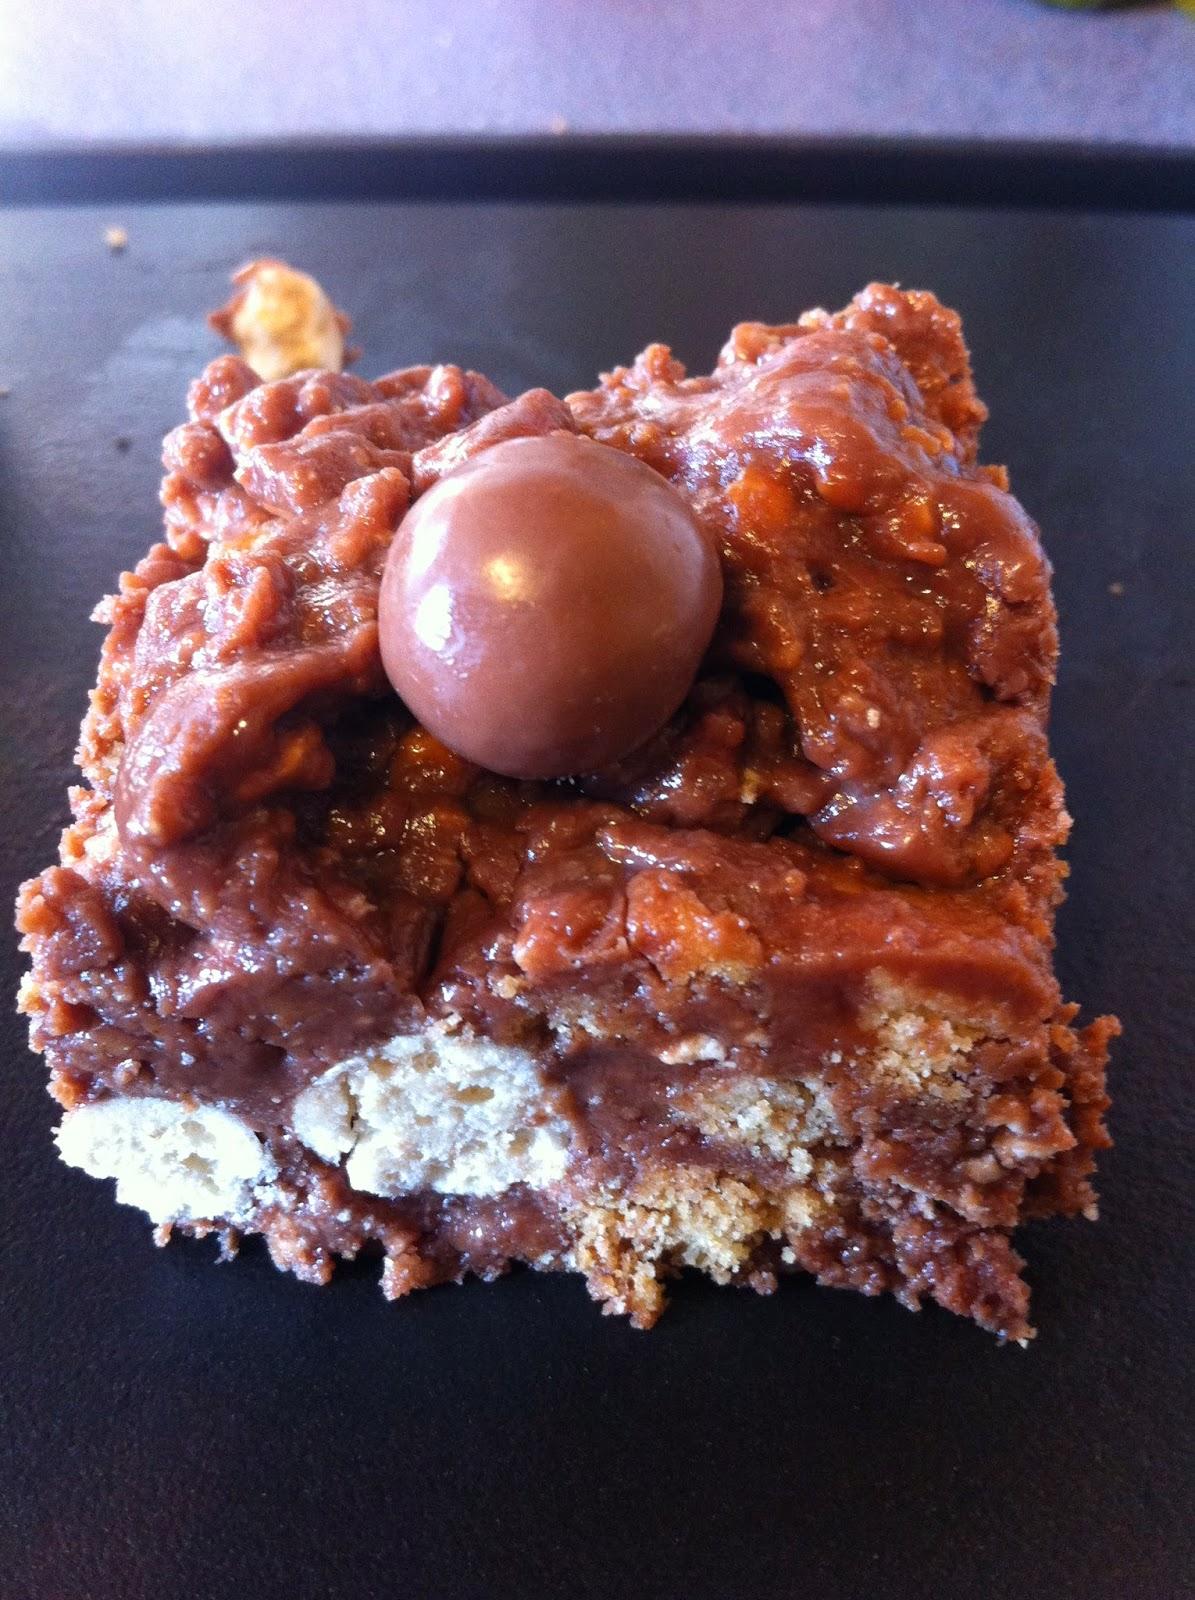 A square of malteser cake